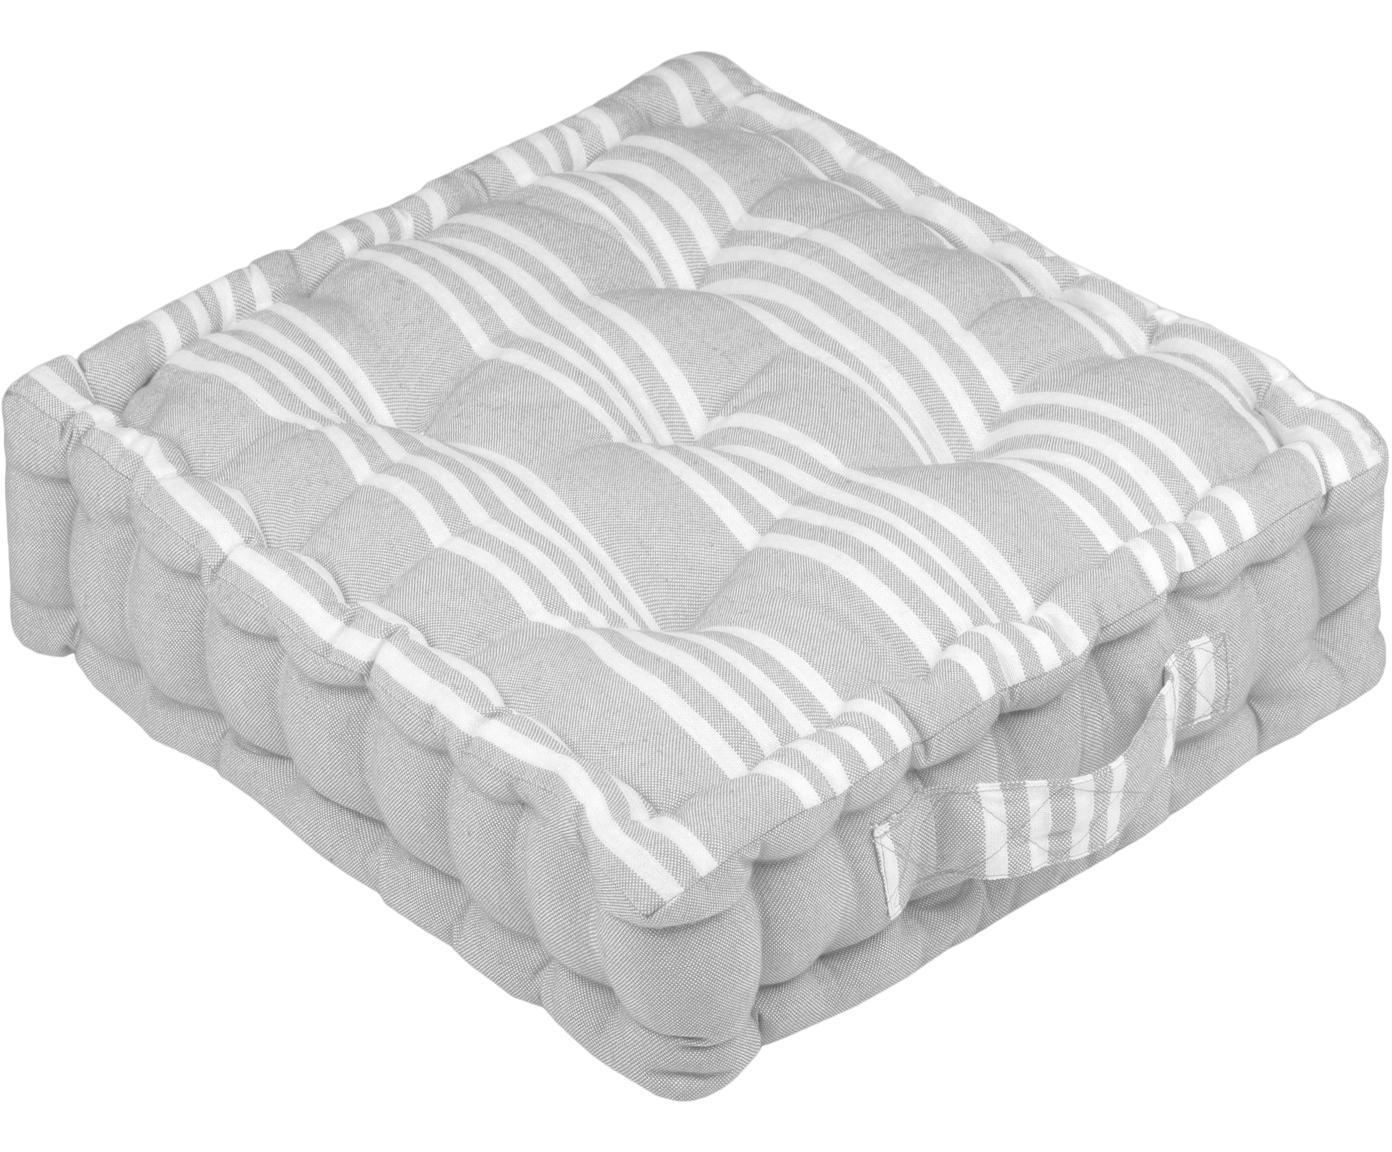 Cuscino da pavimento in grigio e bianco Mandelieu, Cotone misto, Grigio chiaro, bianco, Larg. 45 x Lung. 10 cm